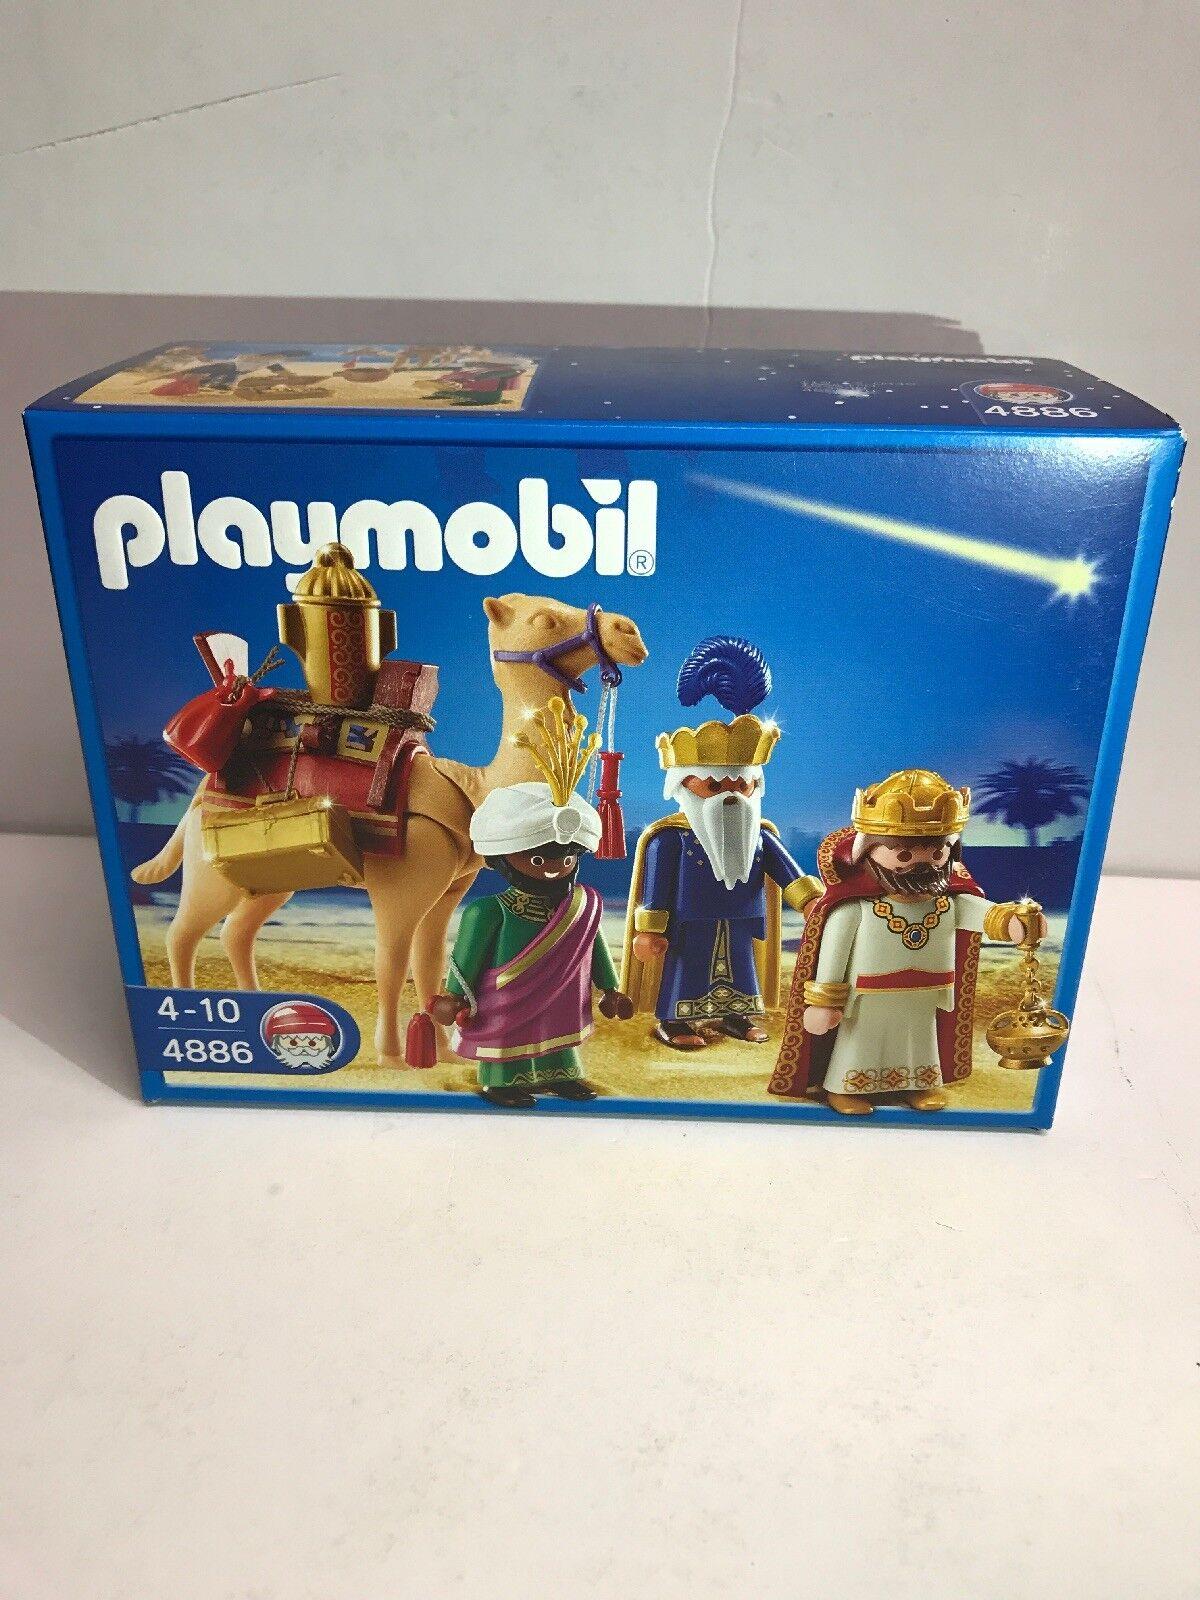 Playmobil 4886 drei weisen könige.4886 heilige drei könige neue playmobil